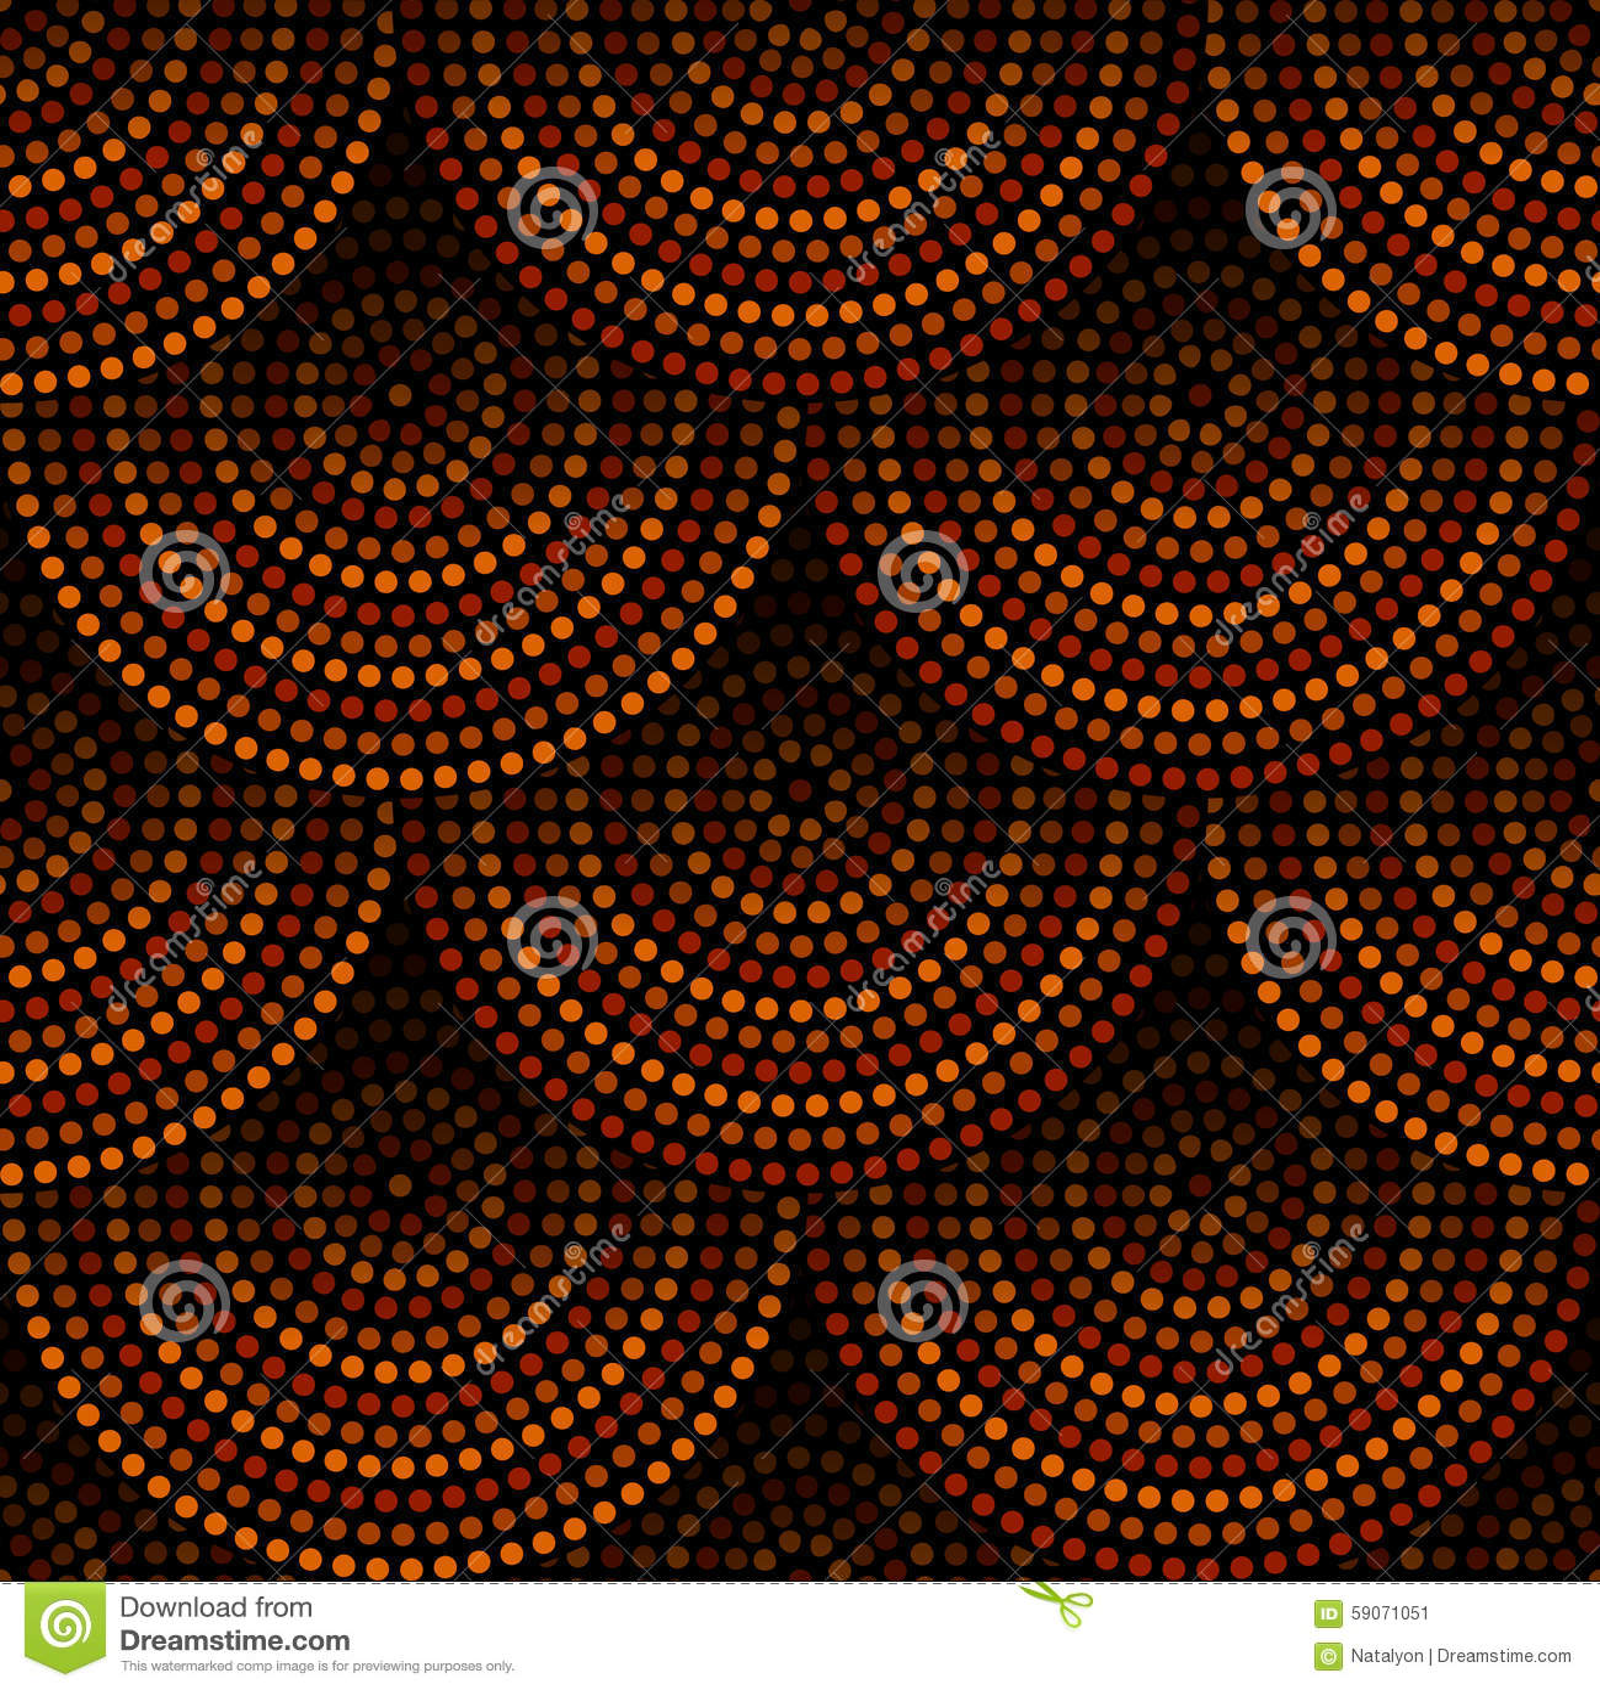 Modelo inconsútil geométrico aborigen australiano de los círculos concéntricos del arte en marrón y negro anaranjados, vector